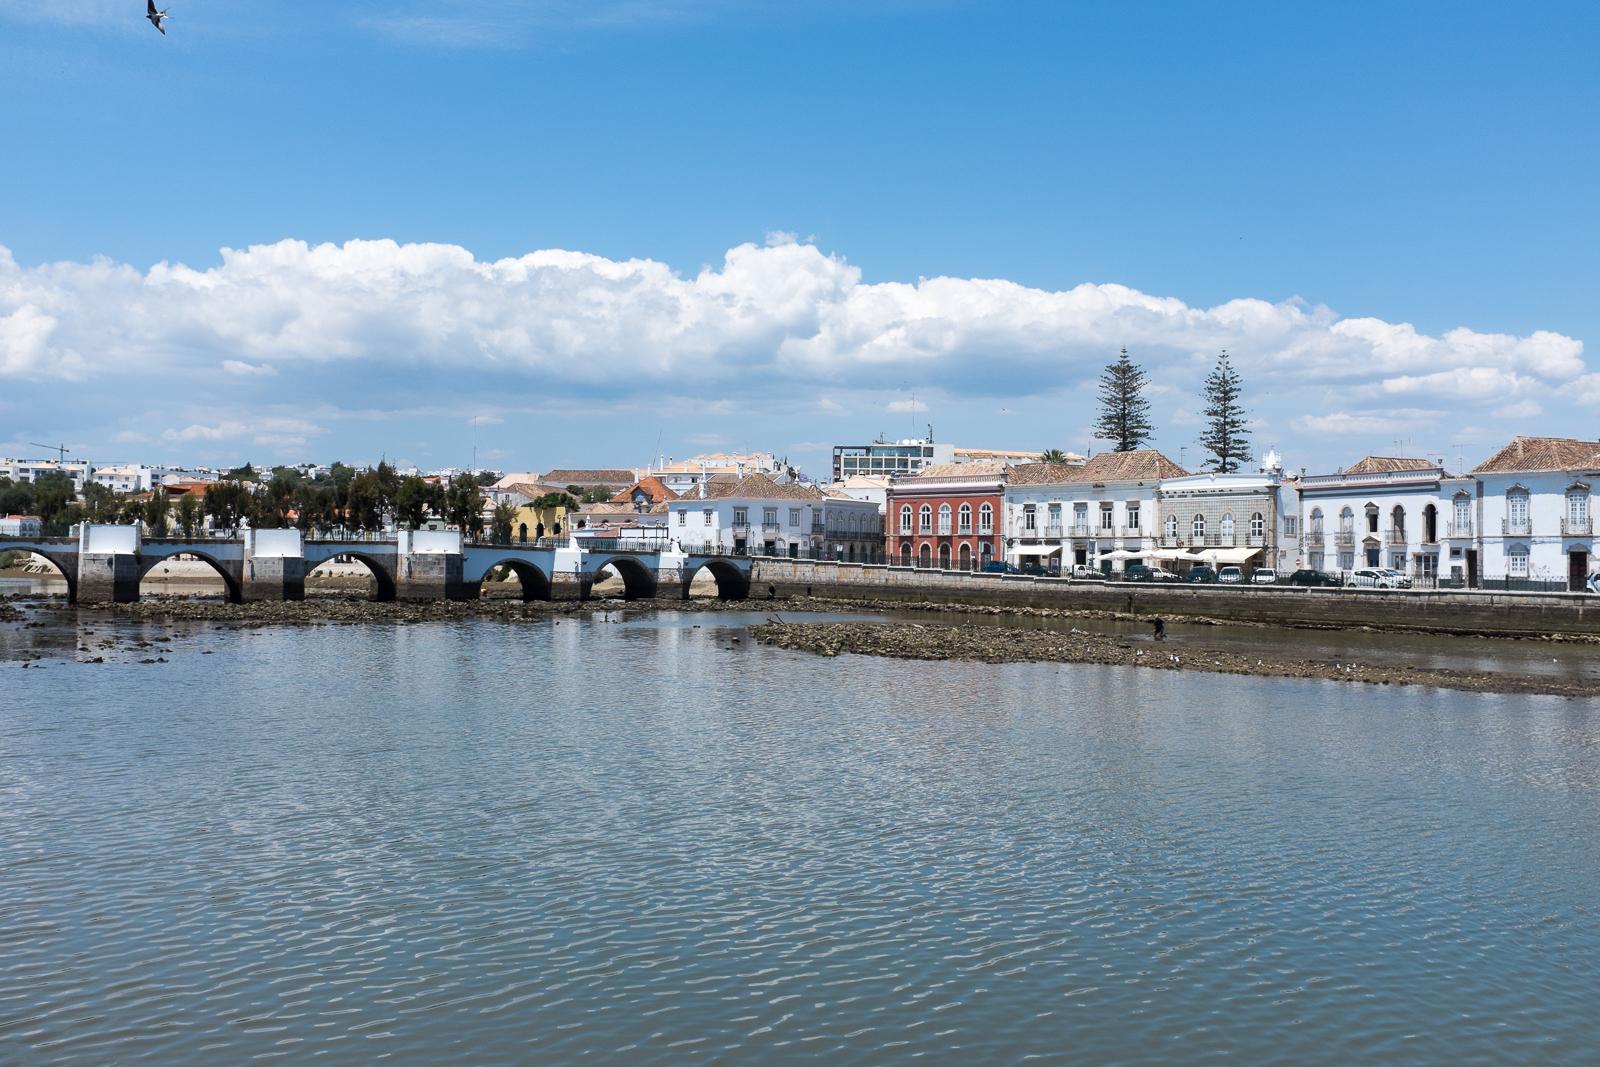 Dag07-Algarve-019-DSCF1945